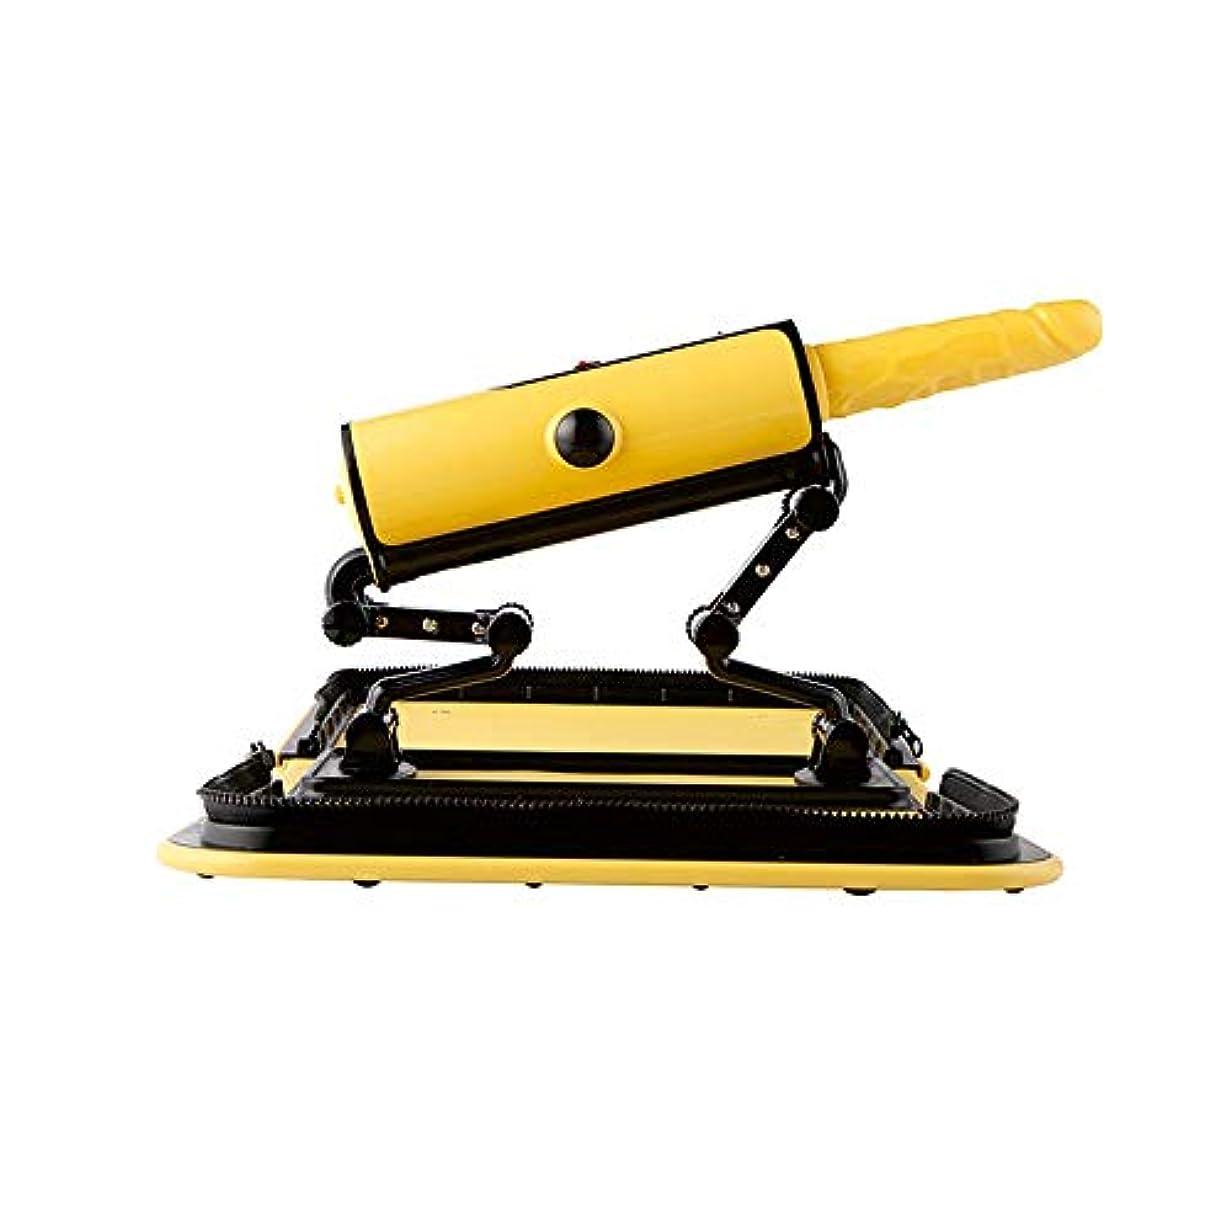 獲物北方実行するKGJJHYBGTOY 完璧なハーネスビジナルカップラブマシン玩具での自動機オナニー RELAX MASSAGE BODY